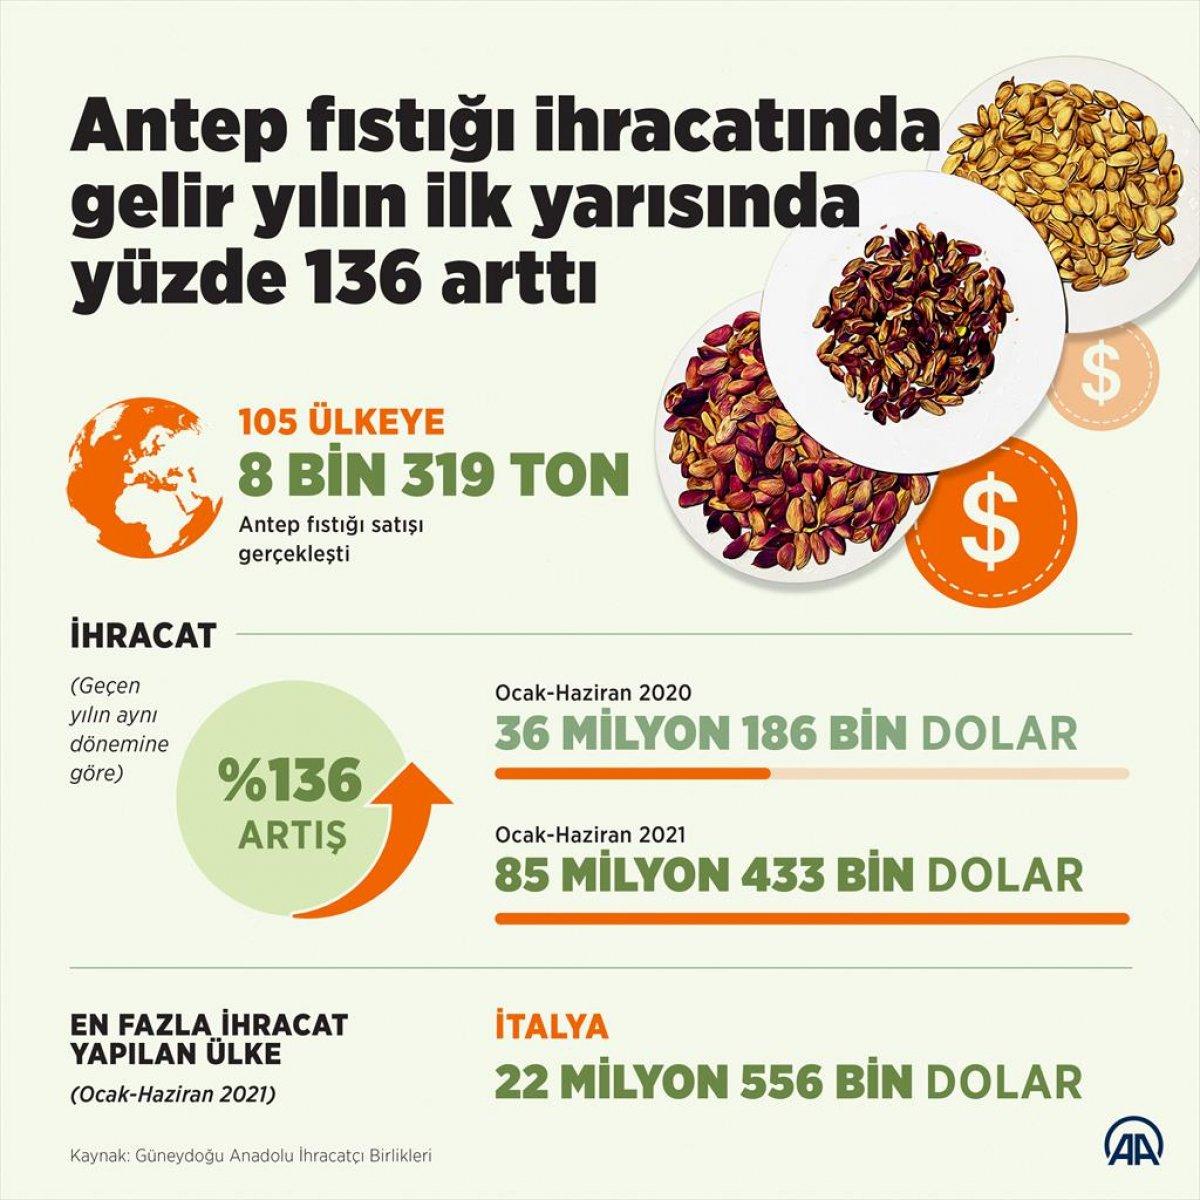 Antep fıstığı ihracatından gelir yüzde 136 arttı #2